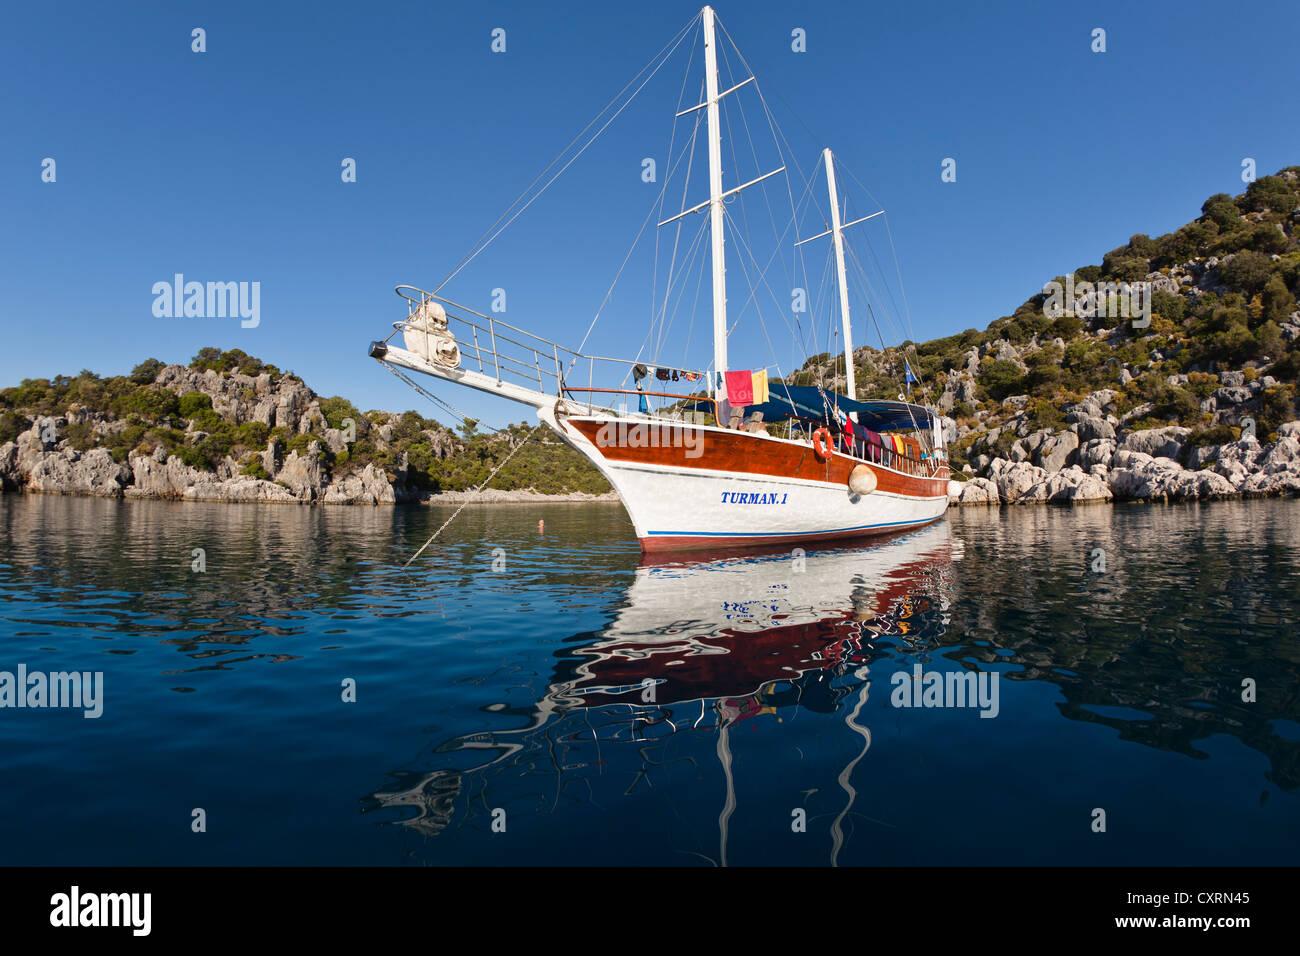 Velero anclado en una bahía, navegando a lo largo de la costa de Licio, Licia, el Mar Mediterráneo, Turquía, Imagen De Stock